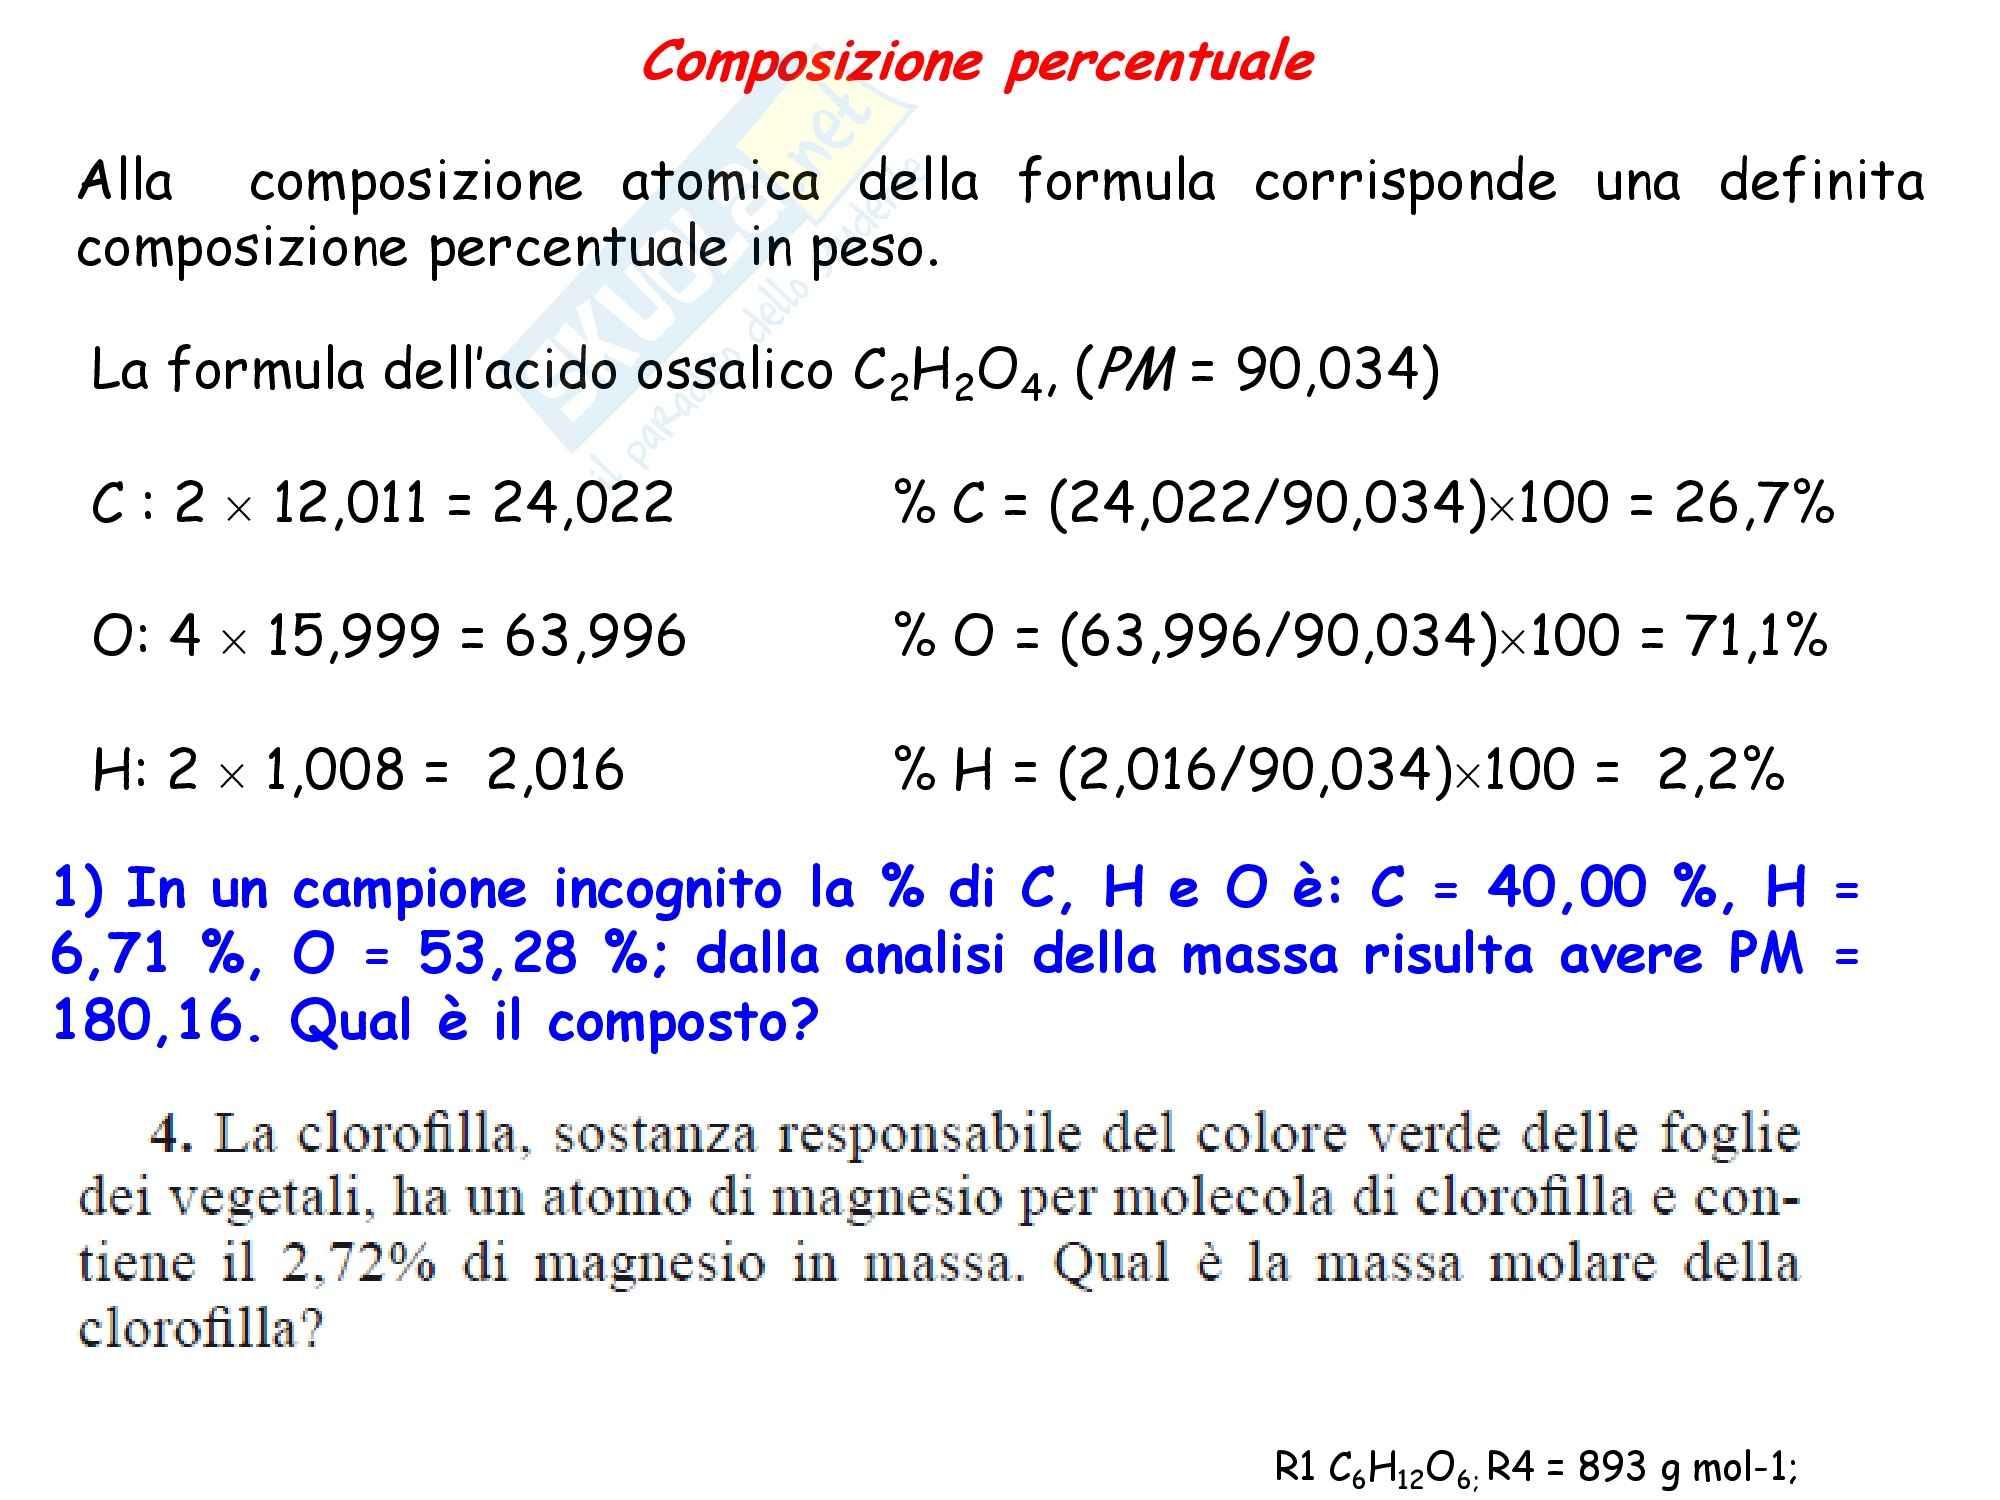 Chimica inorganica - bilanciamento reazioni chimiche